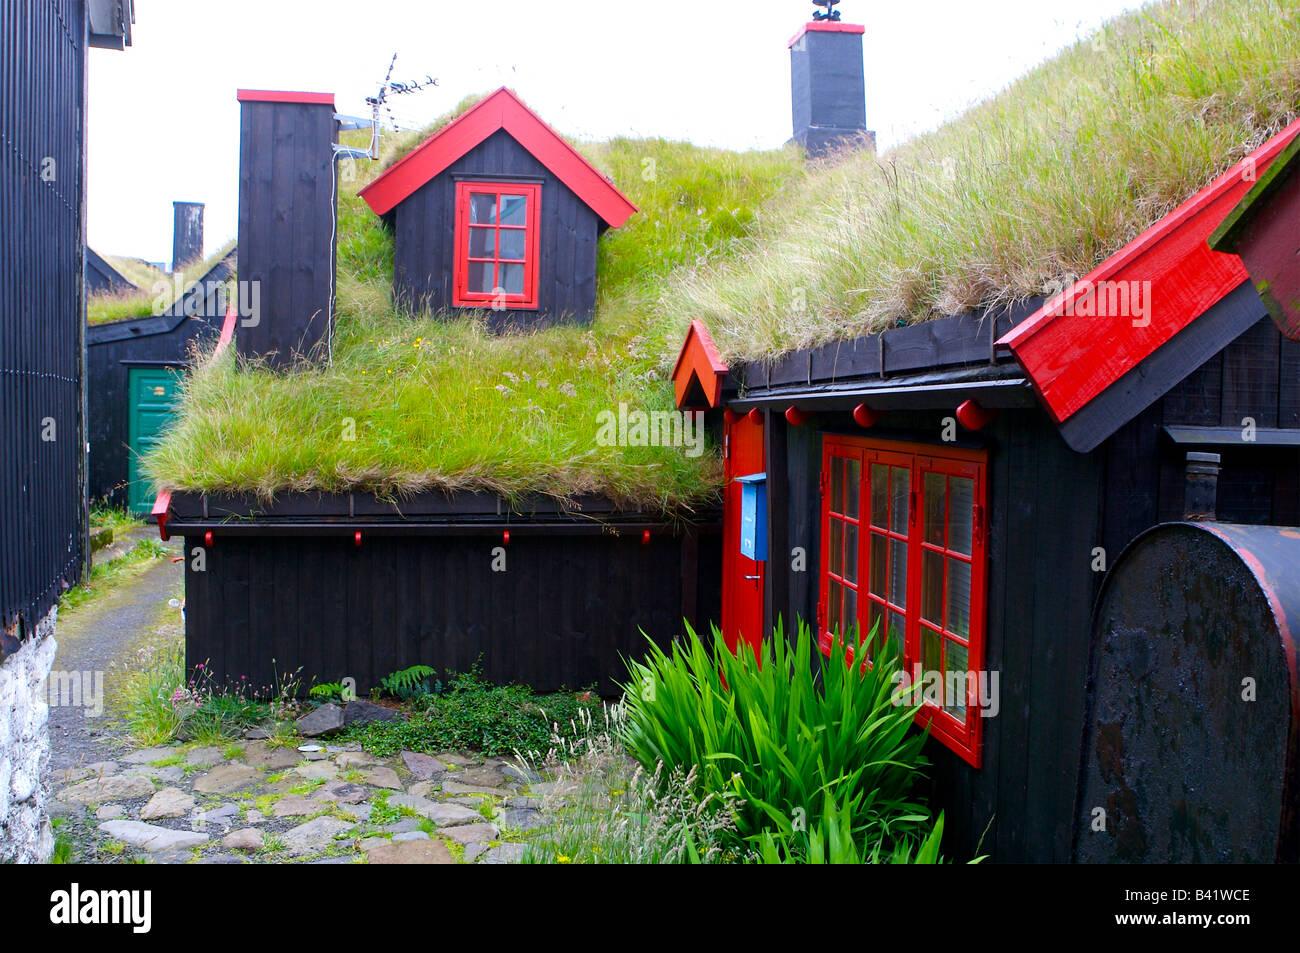 Cottage toop techo aislante en forma de hierba y el turf - Islas Faroe Islands Imagen De Stock